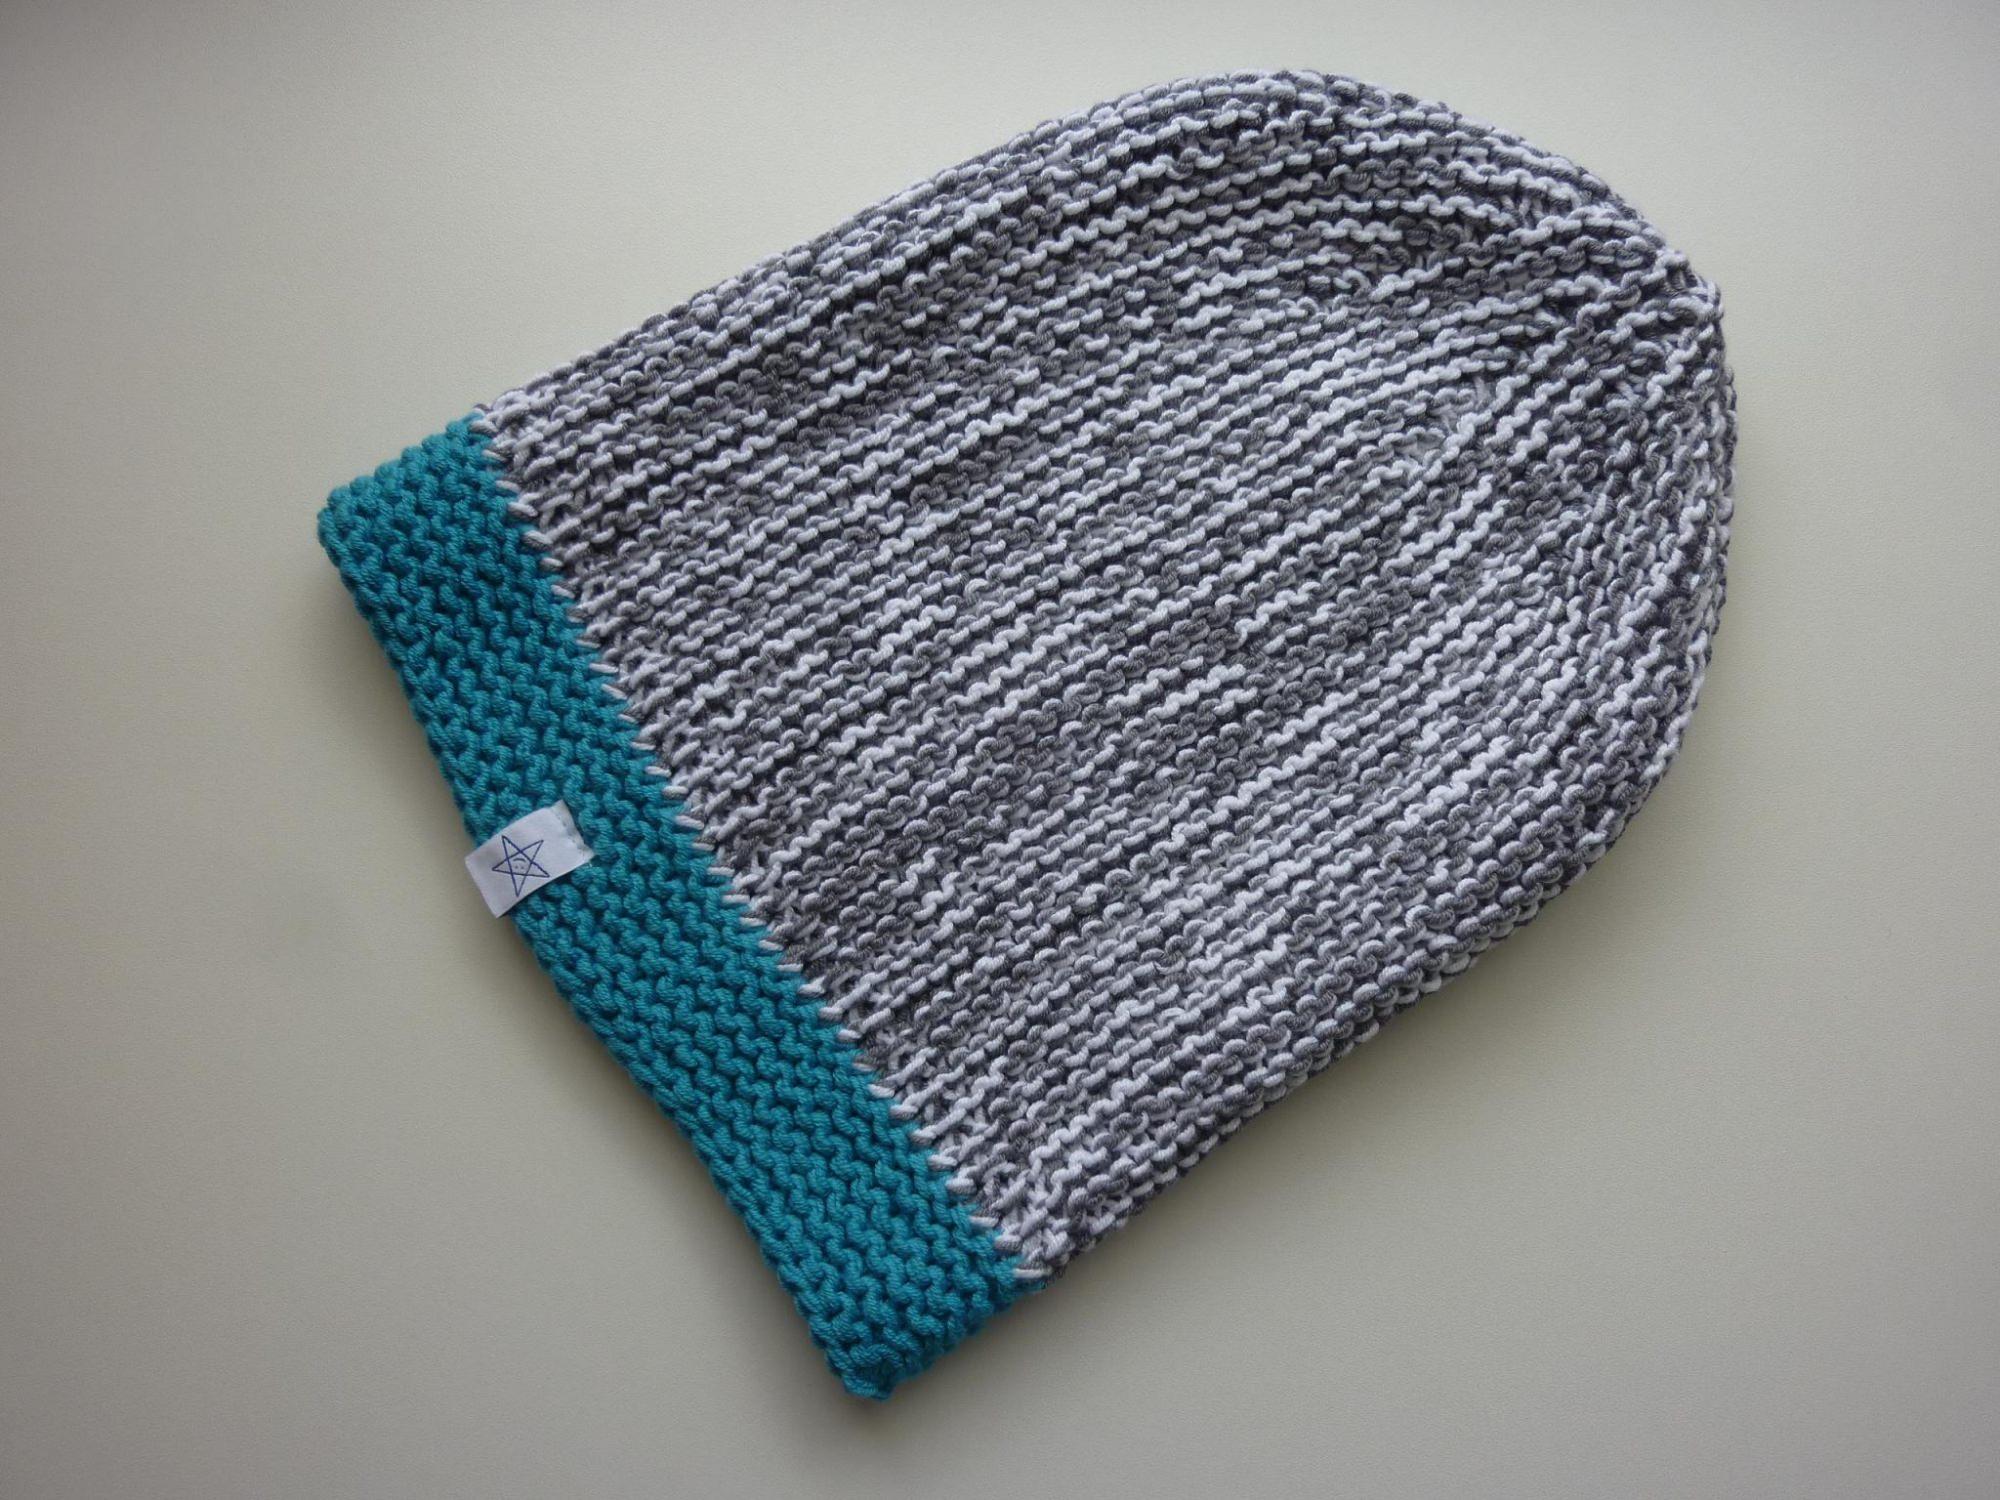 Kleinesbild - lange Strickmütze in grau, weiß und türkis aus Baumwolle handgestrickt